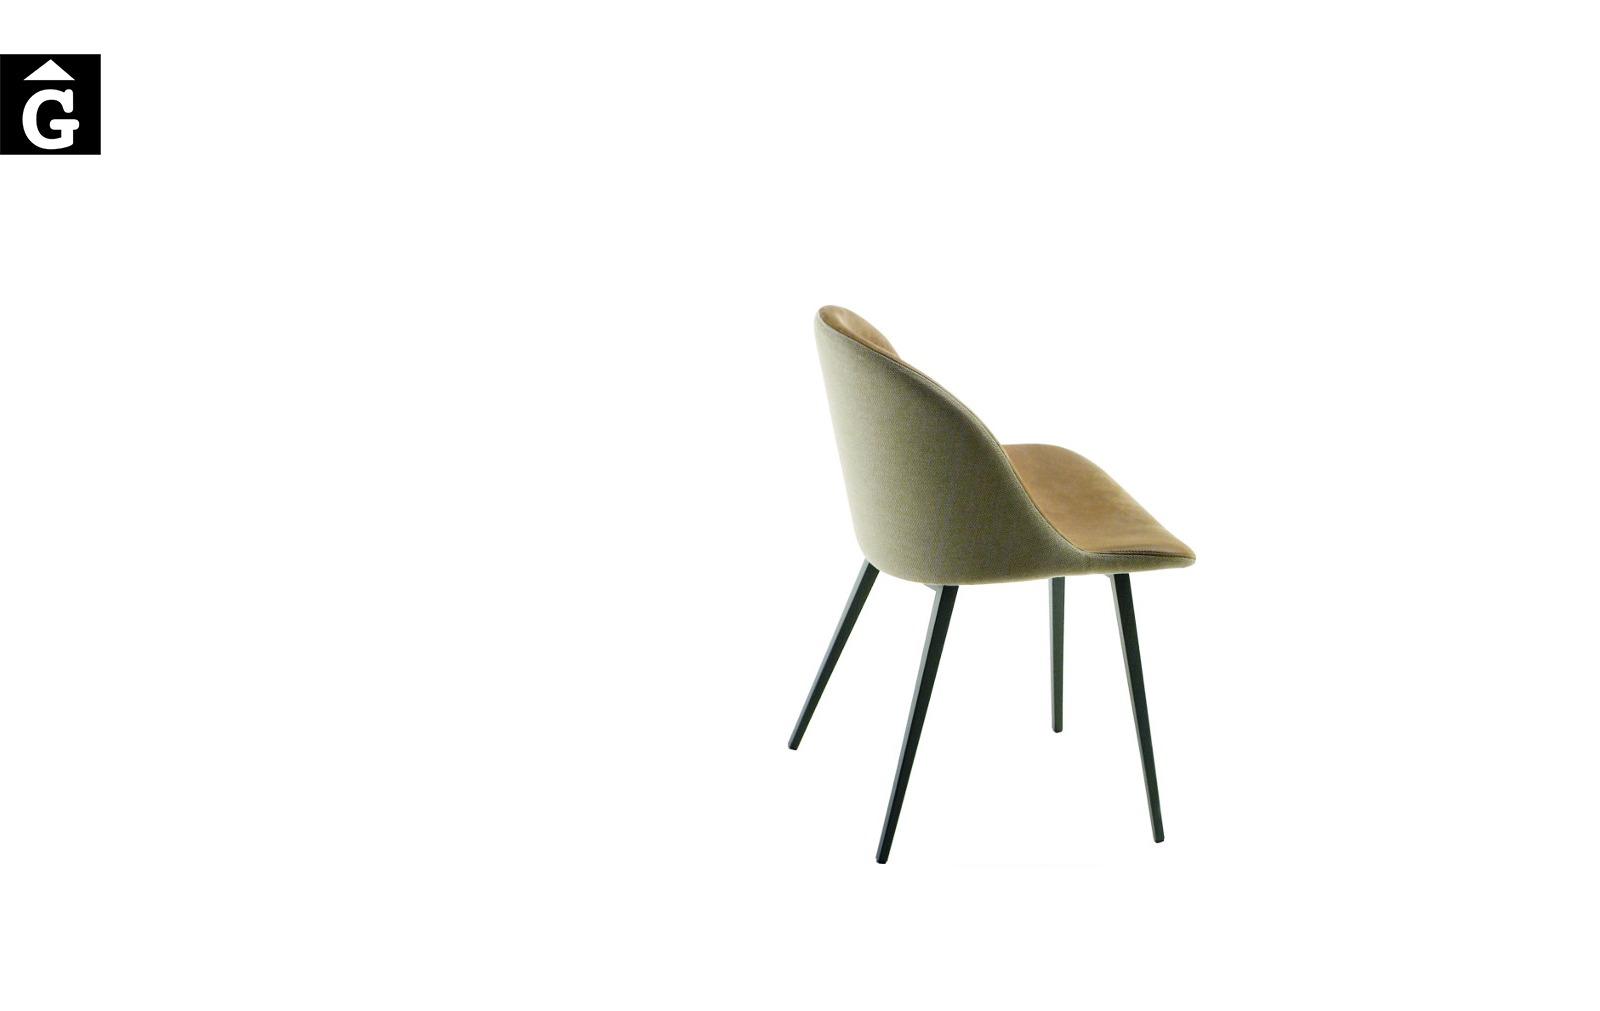 Cadira entapissada Sonny | MIDJ | mobles Gifreu | Productes de qualitat